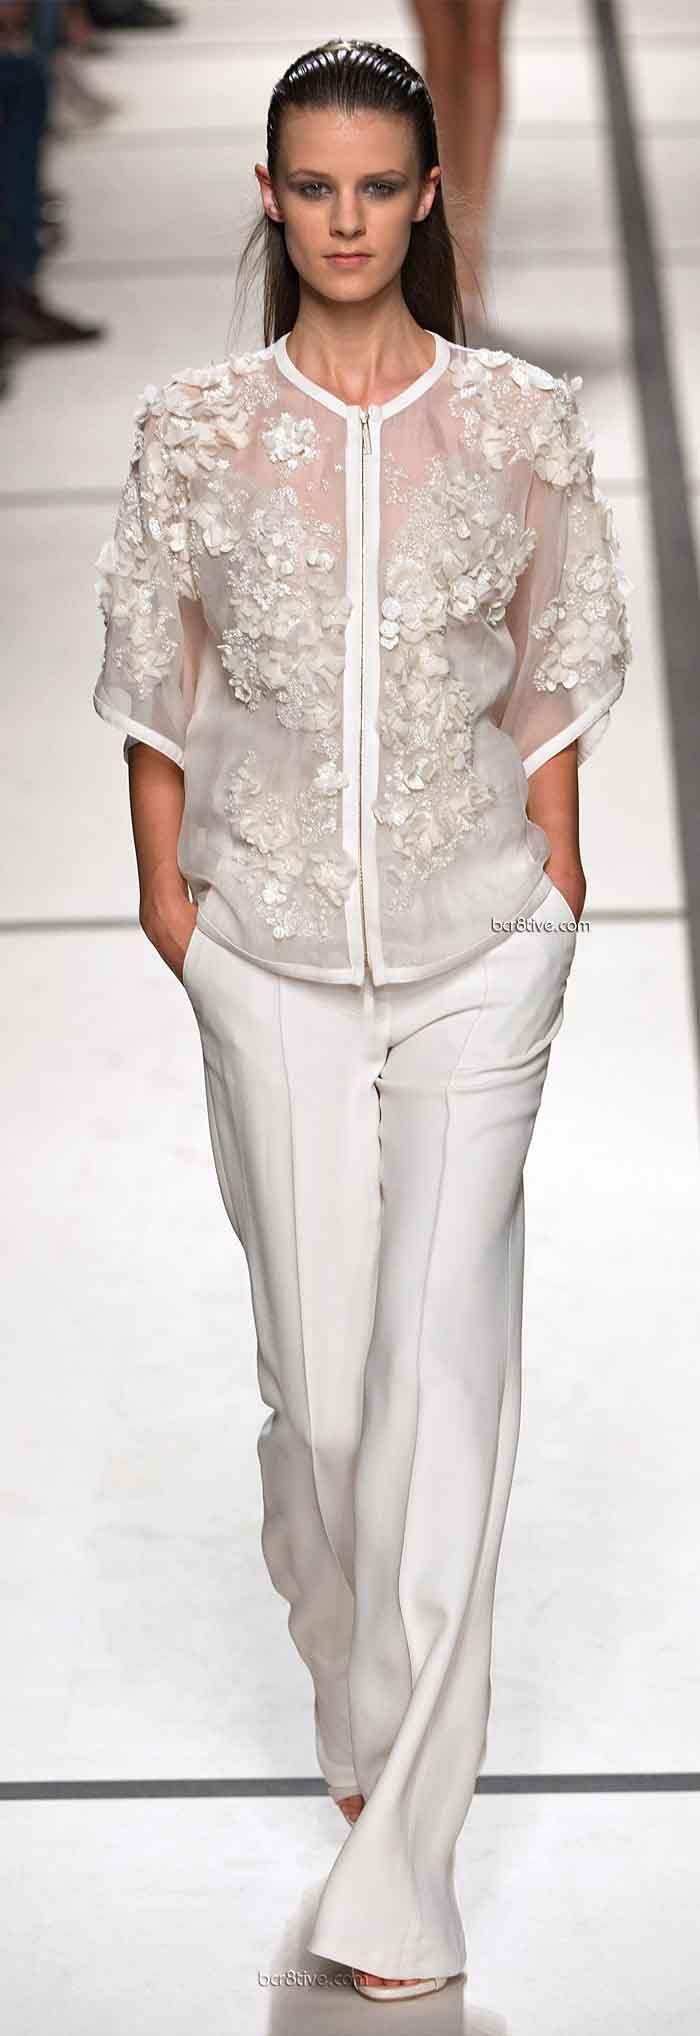 Elie Saab Spring 2014 Ready to Wear Paris Fashion Week